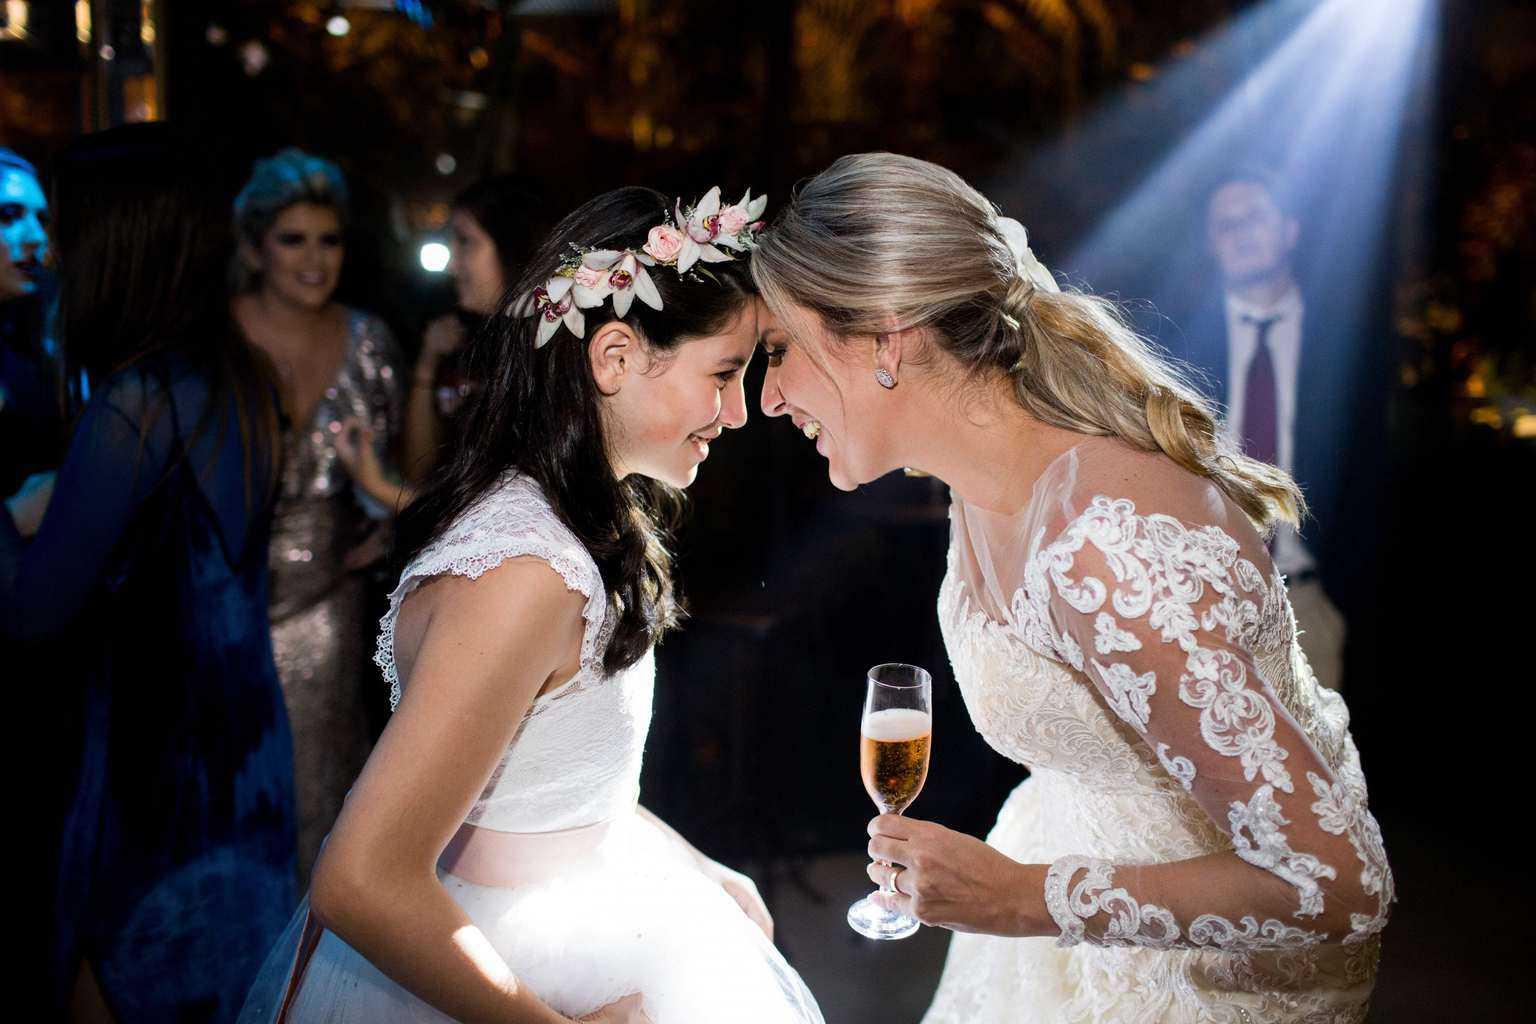 Andrea-Kapps-casamento-de-dia-casamento-na-serra-casamento-romântico-casamento-tradicional-festa-Locanda-de-La-Mimosa-rosa-e-lilás-casamento-47